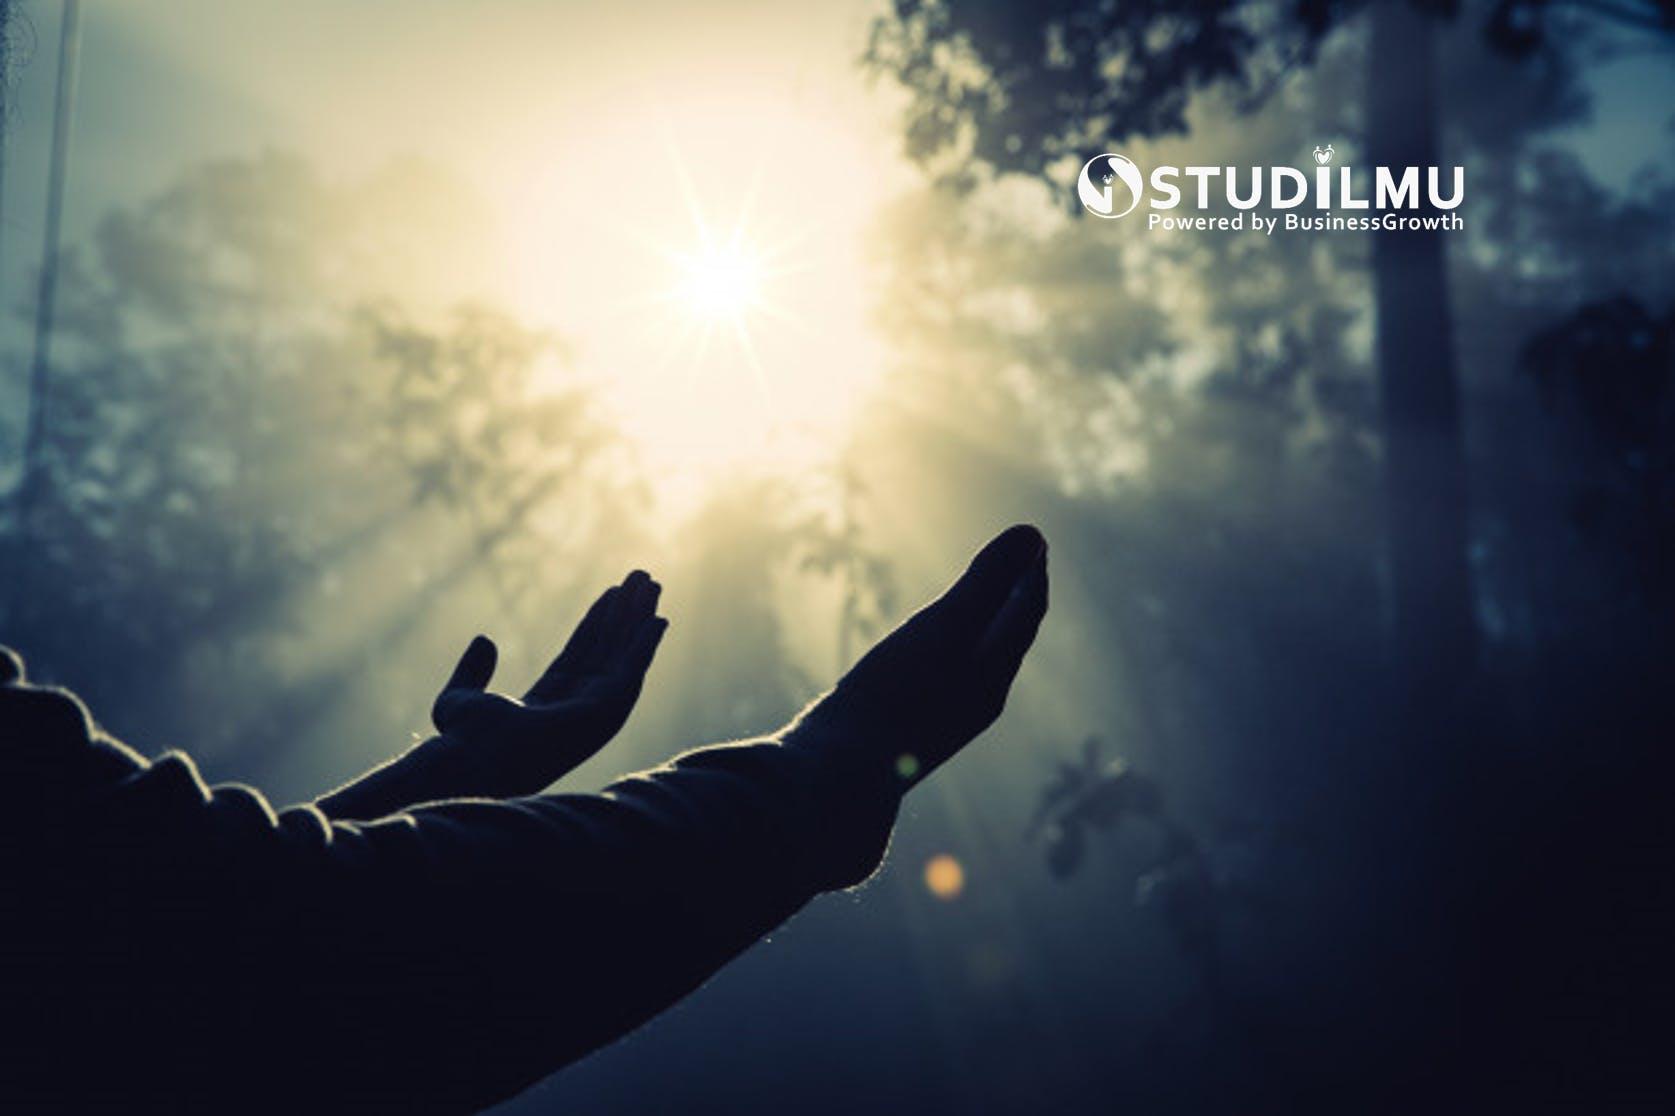 STUDILMU Career Advice - 11 Pelajaran Hidup untuk Terhindar dari Penyesalan Hidup